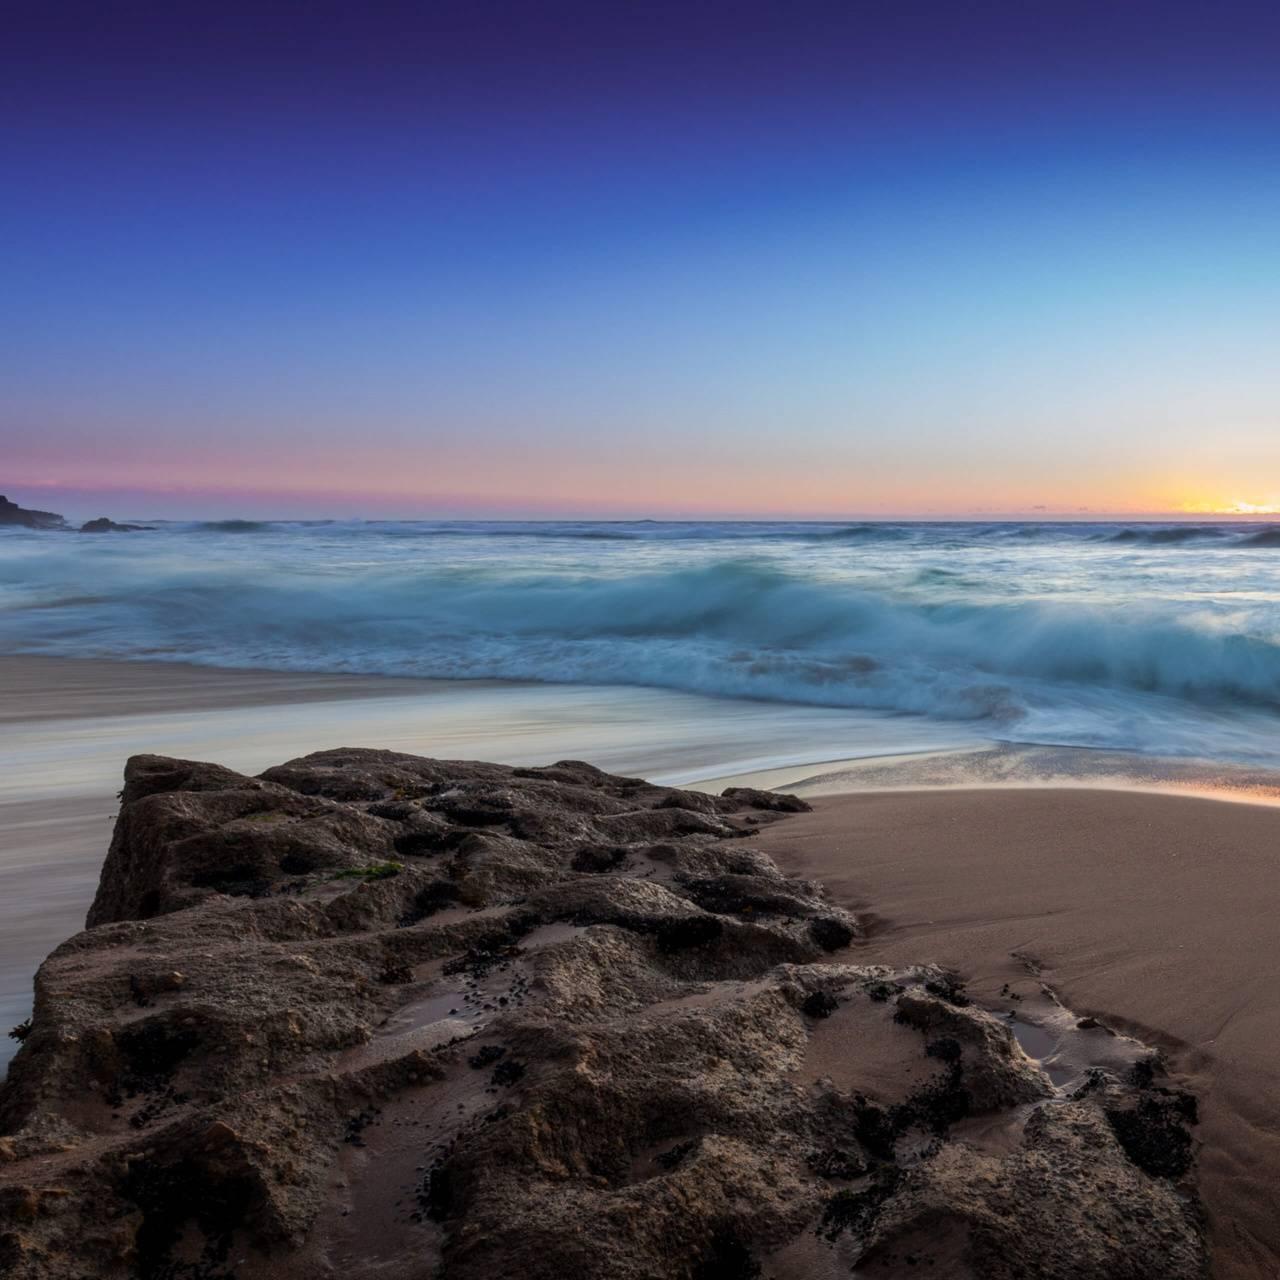 عکس زمینه LG G5 ساحل و سخره پس زمینه